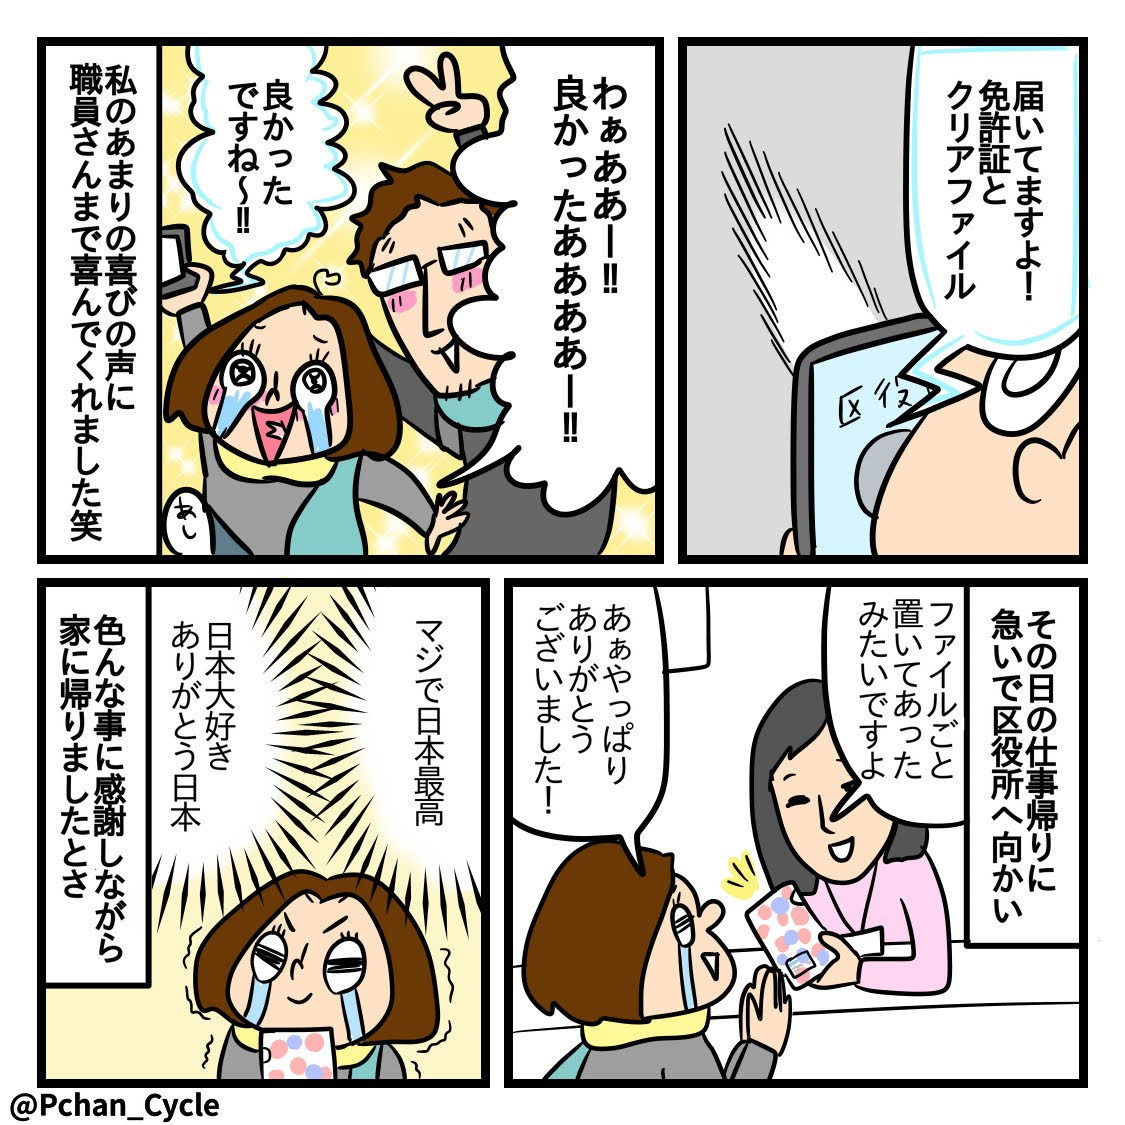 【日常漫画】マジでびびった話〜ぶり夫の運転免許証紛失事件〜